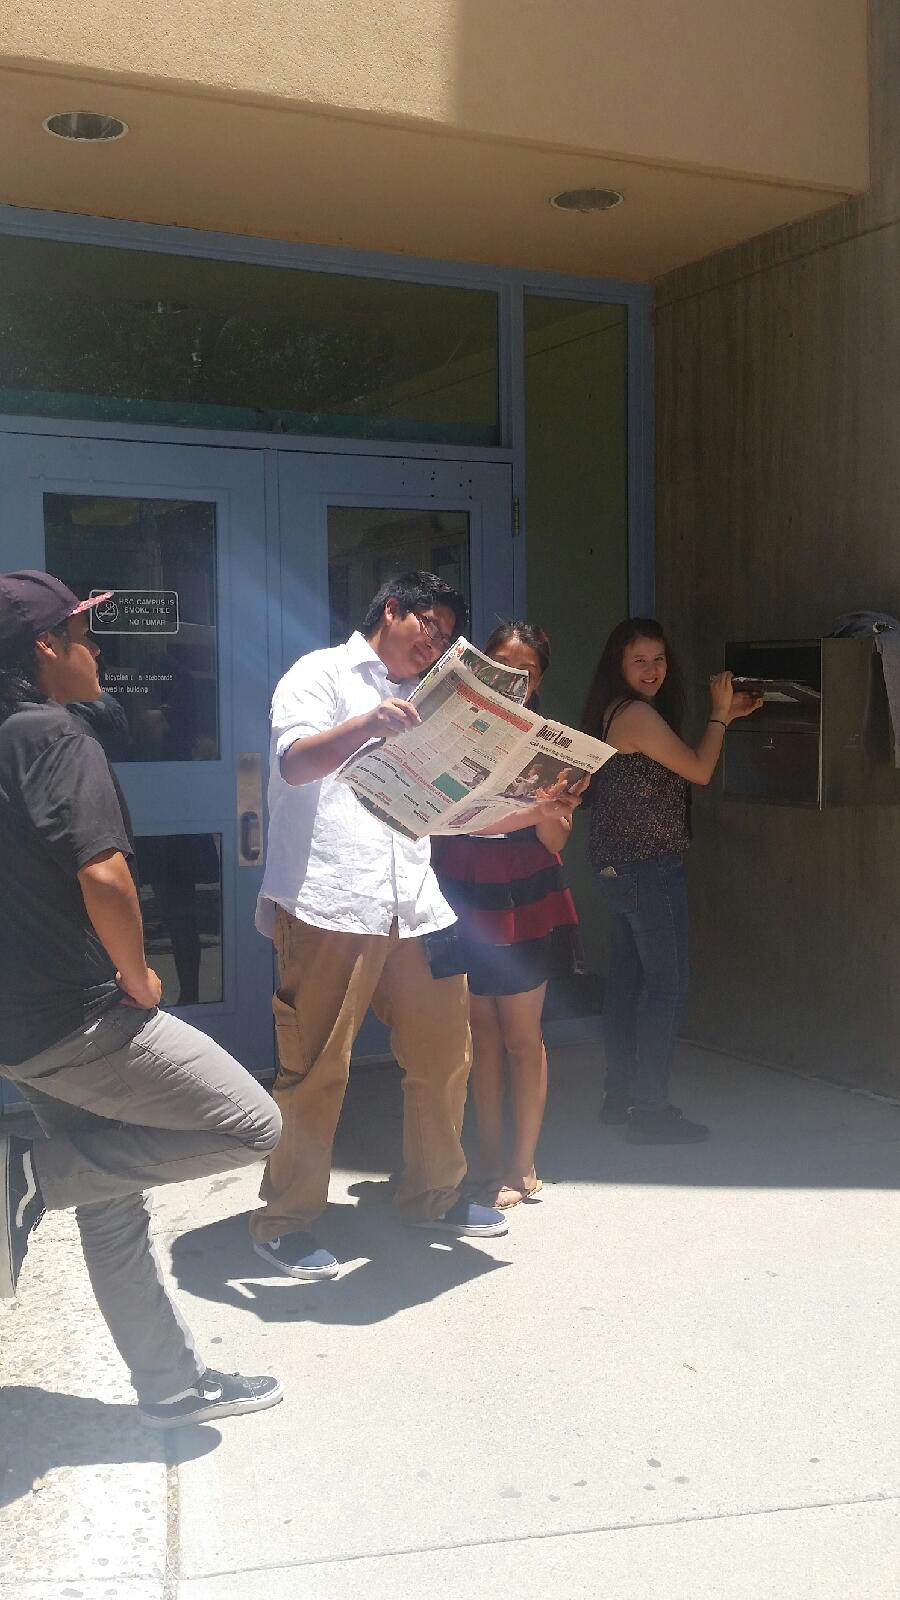 Étudiant posant - lisant le journal, postant des choses.